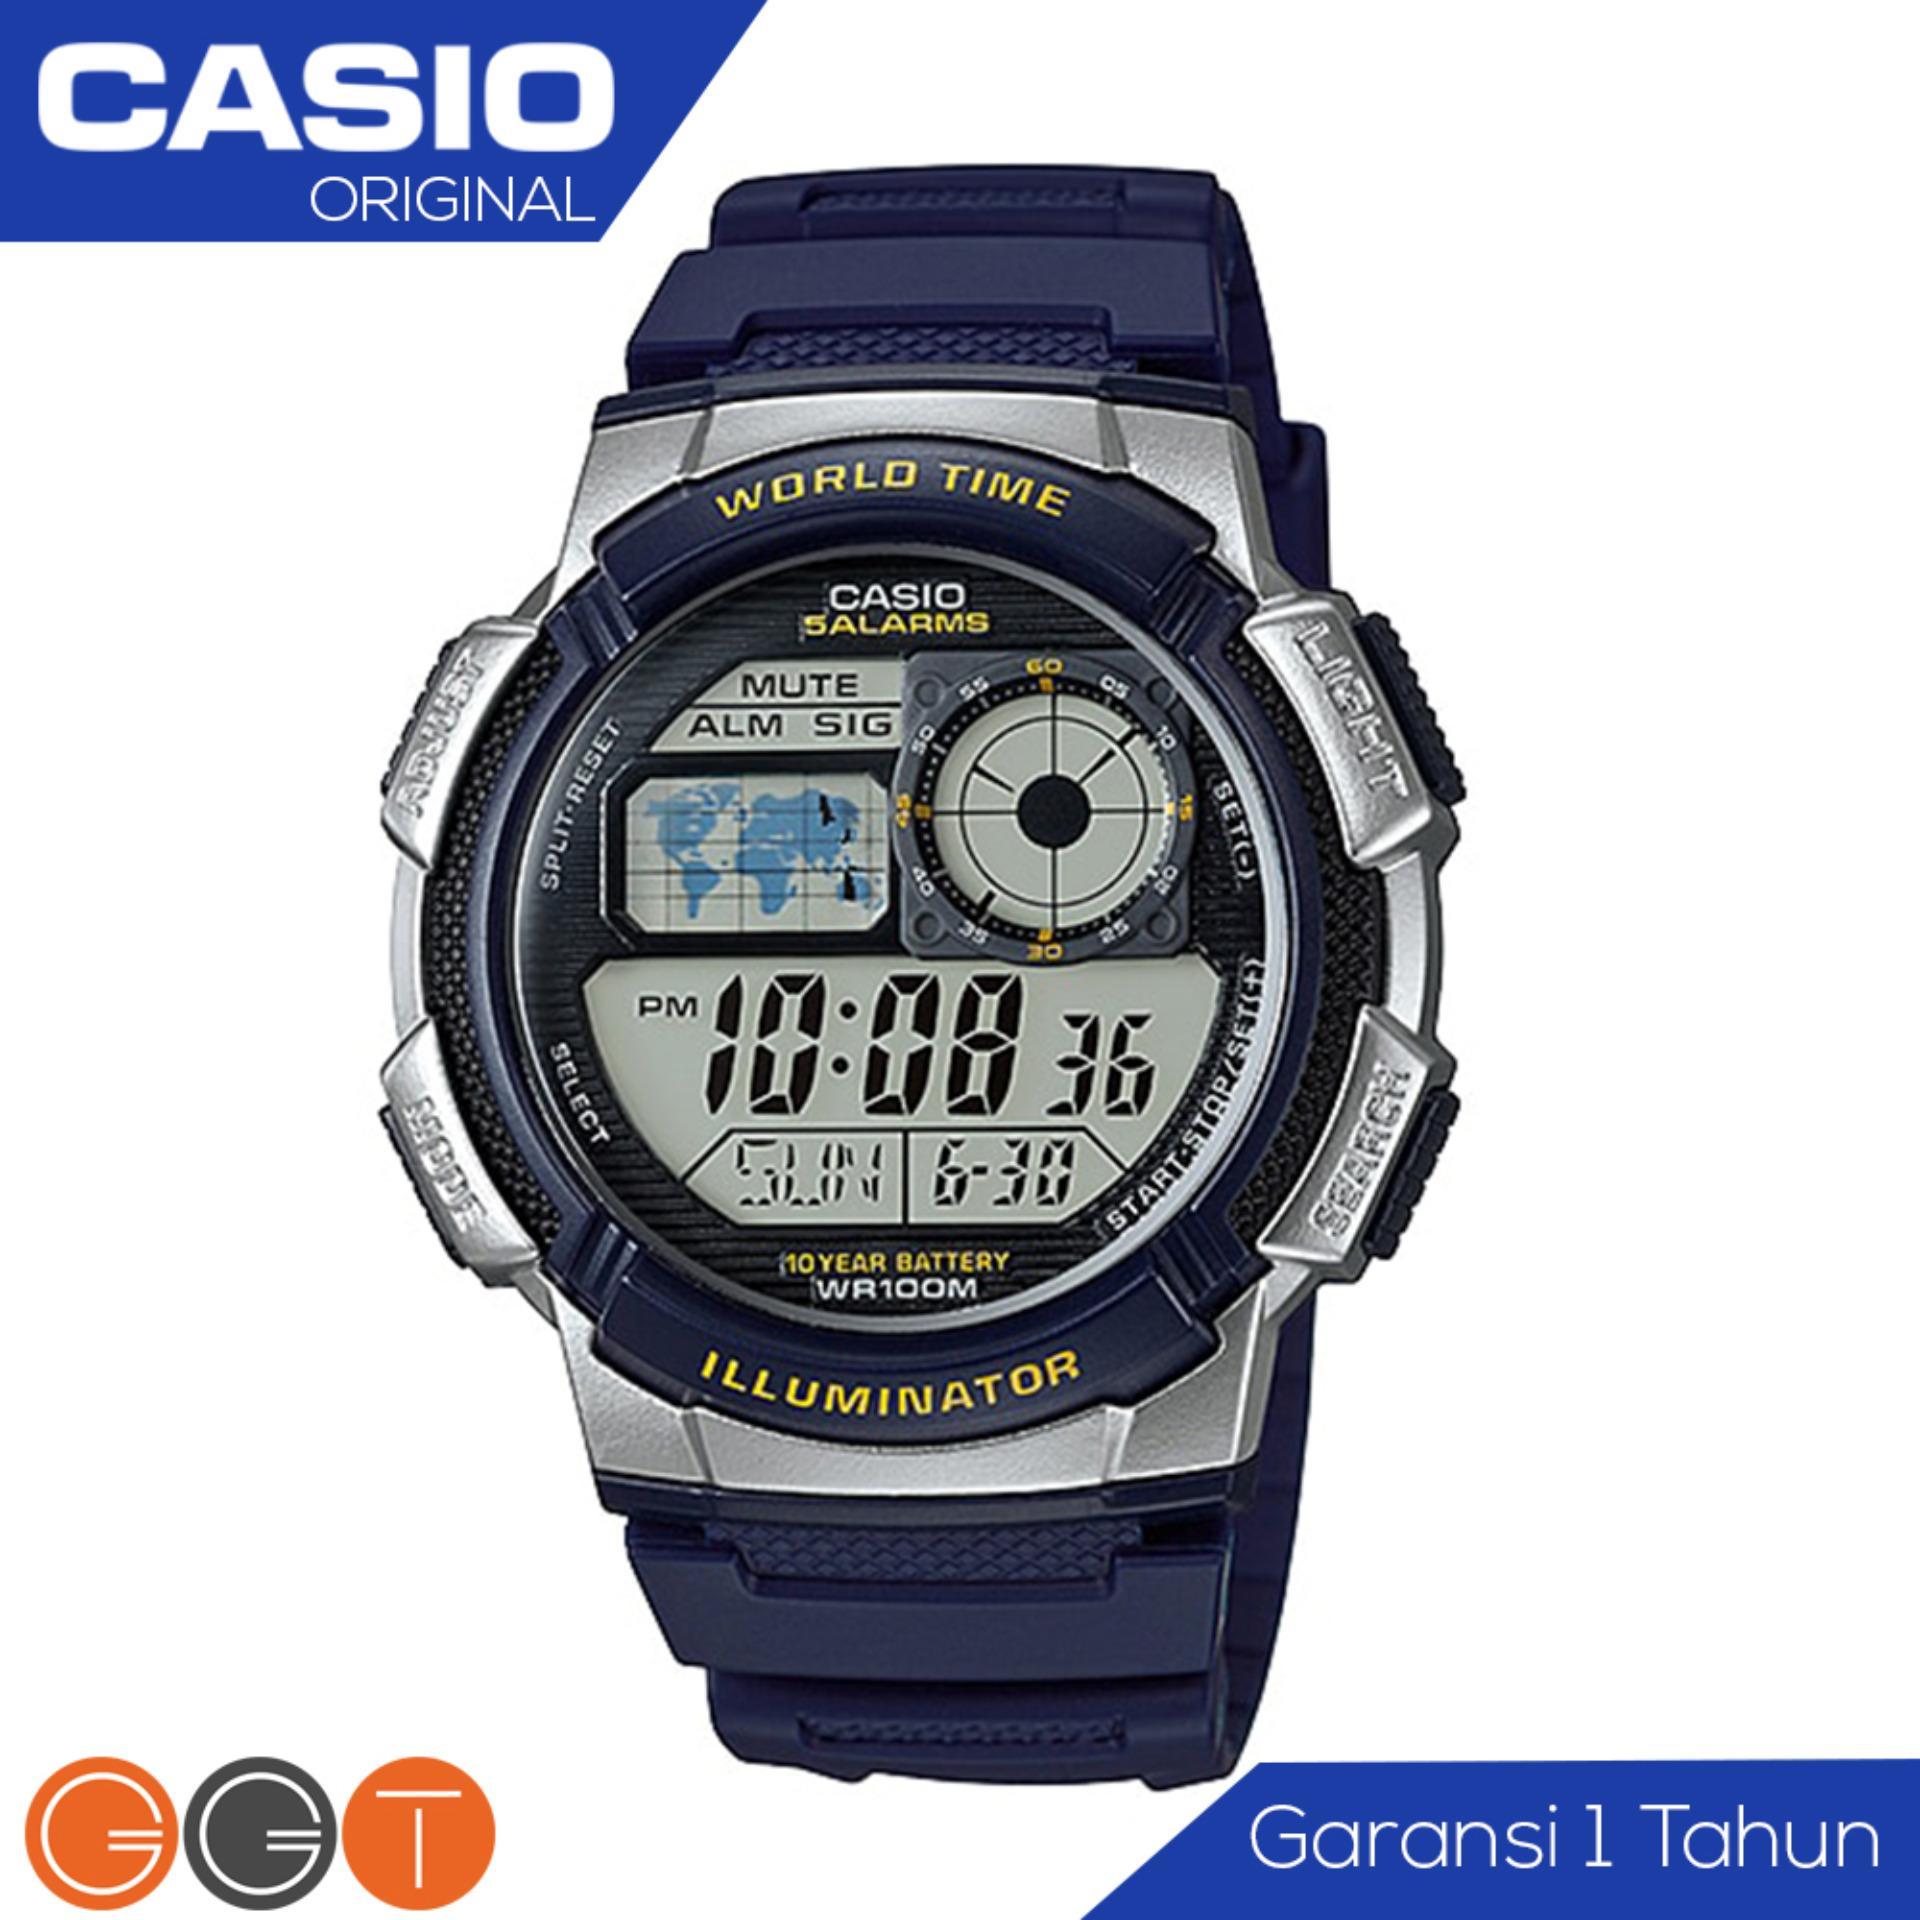 CASIO Original Illuminator AE-1000W - Jam Tangan Pria Casio - Tali Karet Rubber Resin